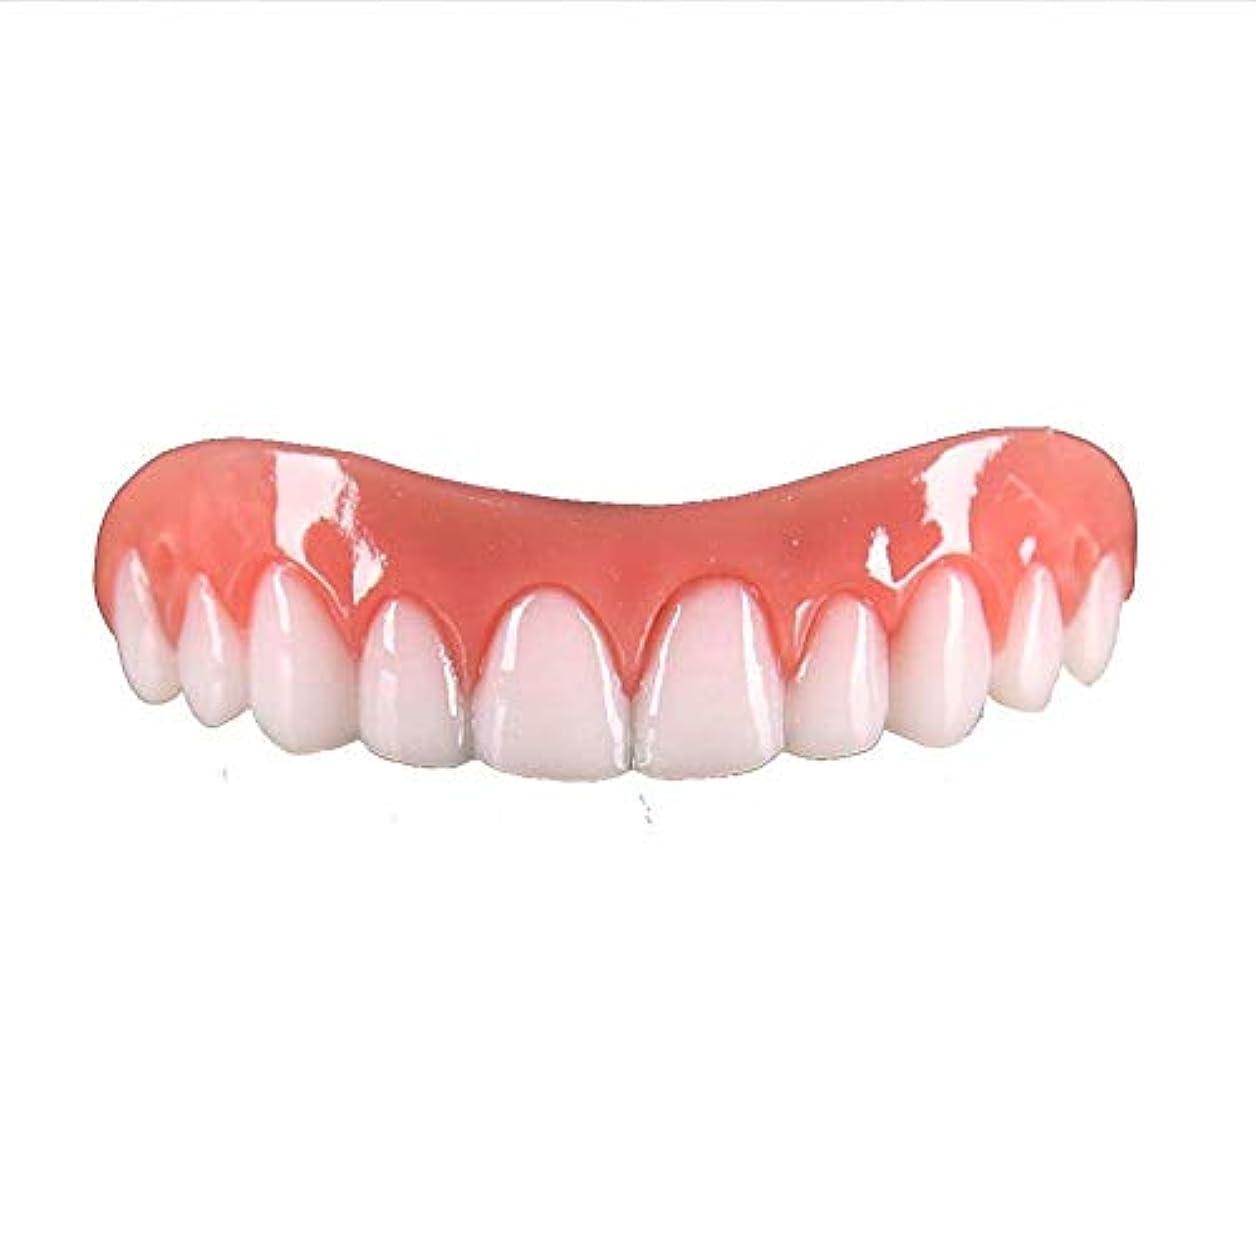 不完全なコンソールただやる上段ホワイトシリカゲルシミュレーション義歯プラスチックパーフェクトフィットスナップオンスマイル義歯歯セット